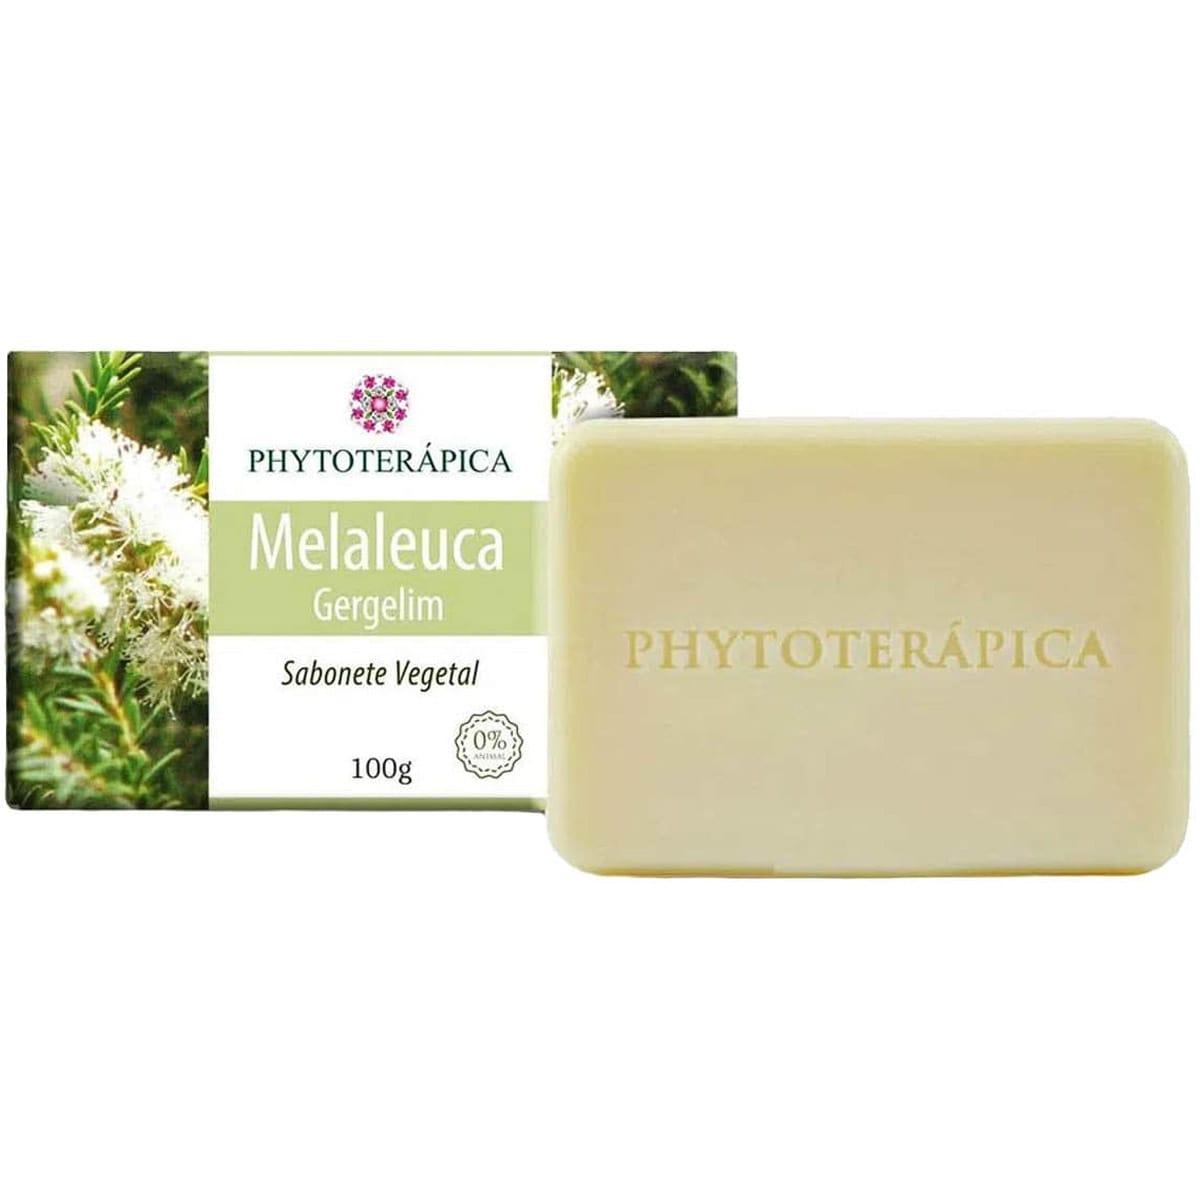 Sabonete Melaleuca e Gergelim 100g - Phytoterapica